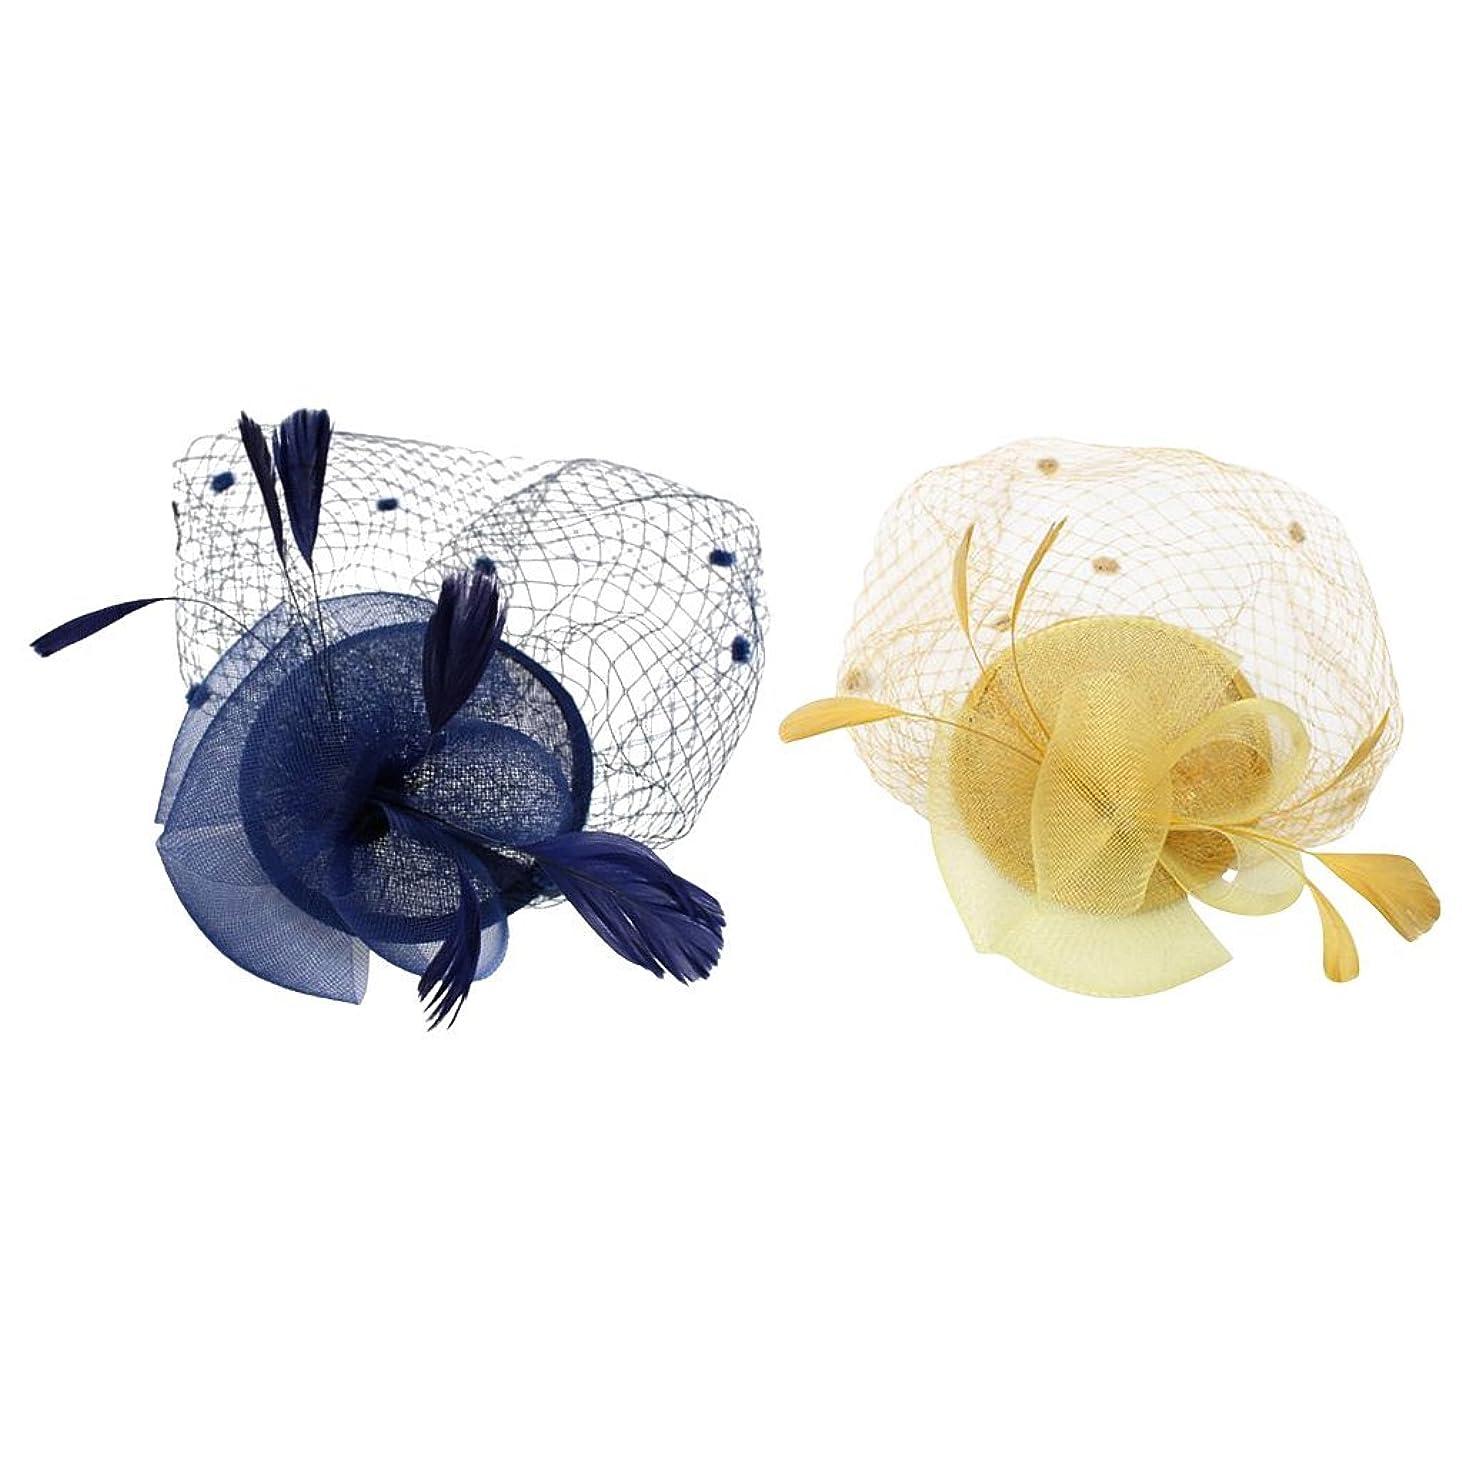 王子ウナギ極貧LUOSAI ヴィンテージブルー&イエローフェザー魅惑的な帽子クリップ20代女性ヘアアクセサリー2パック